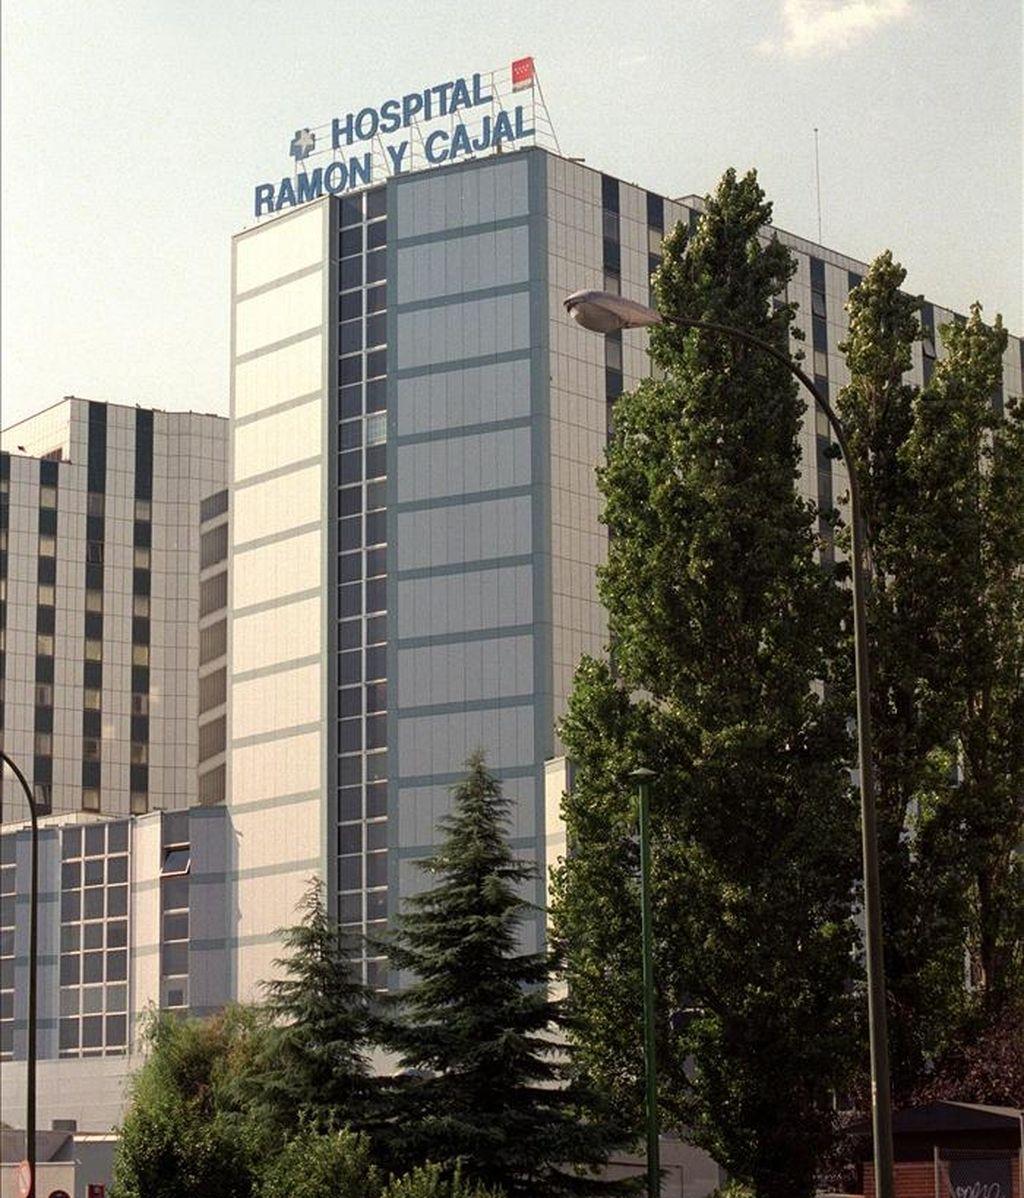 Edificio principal del Hospital Ramón y Cajal. EFE/Archivo